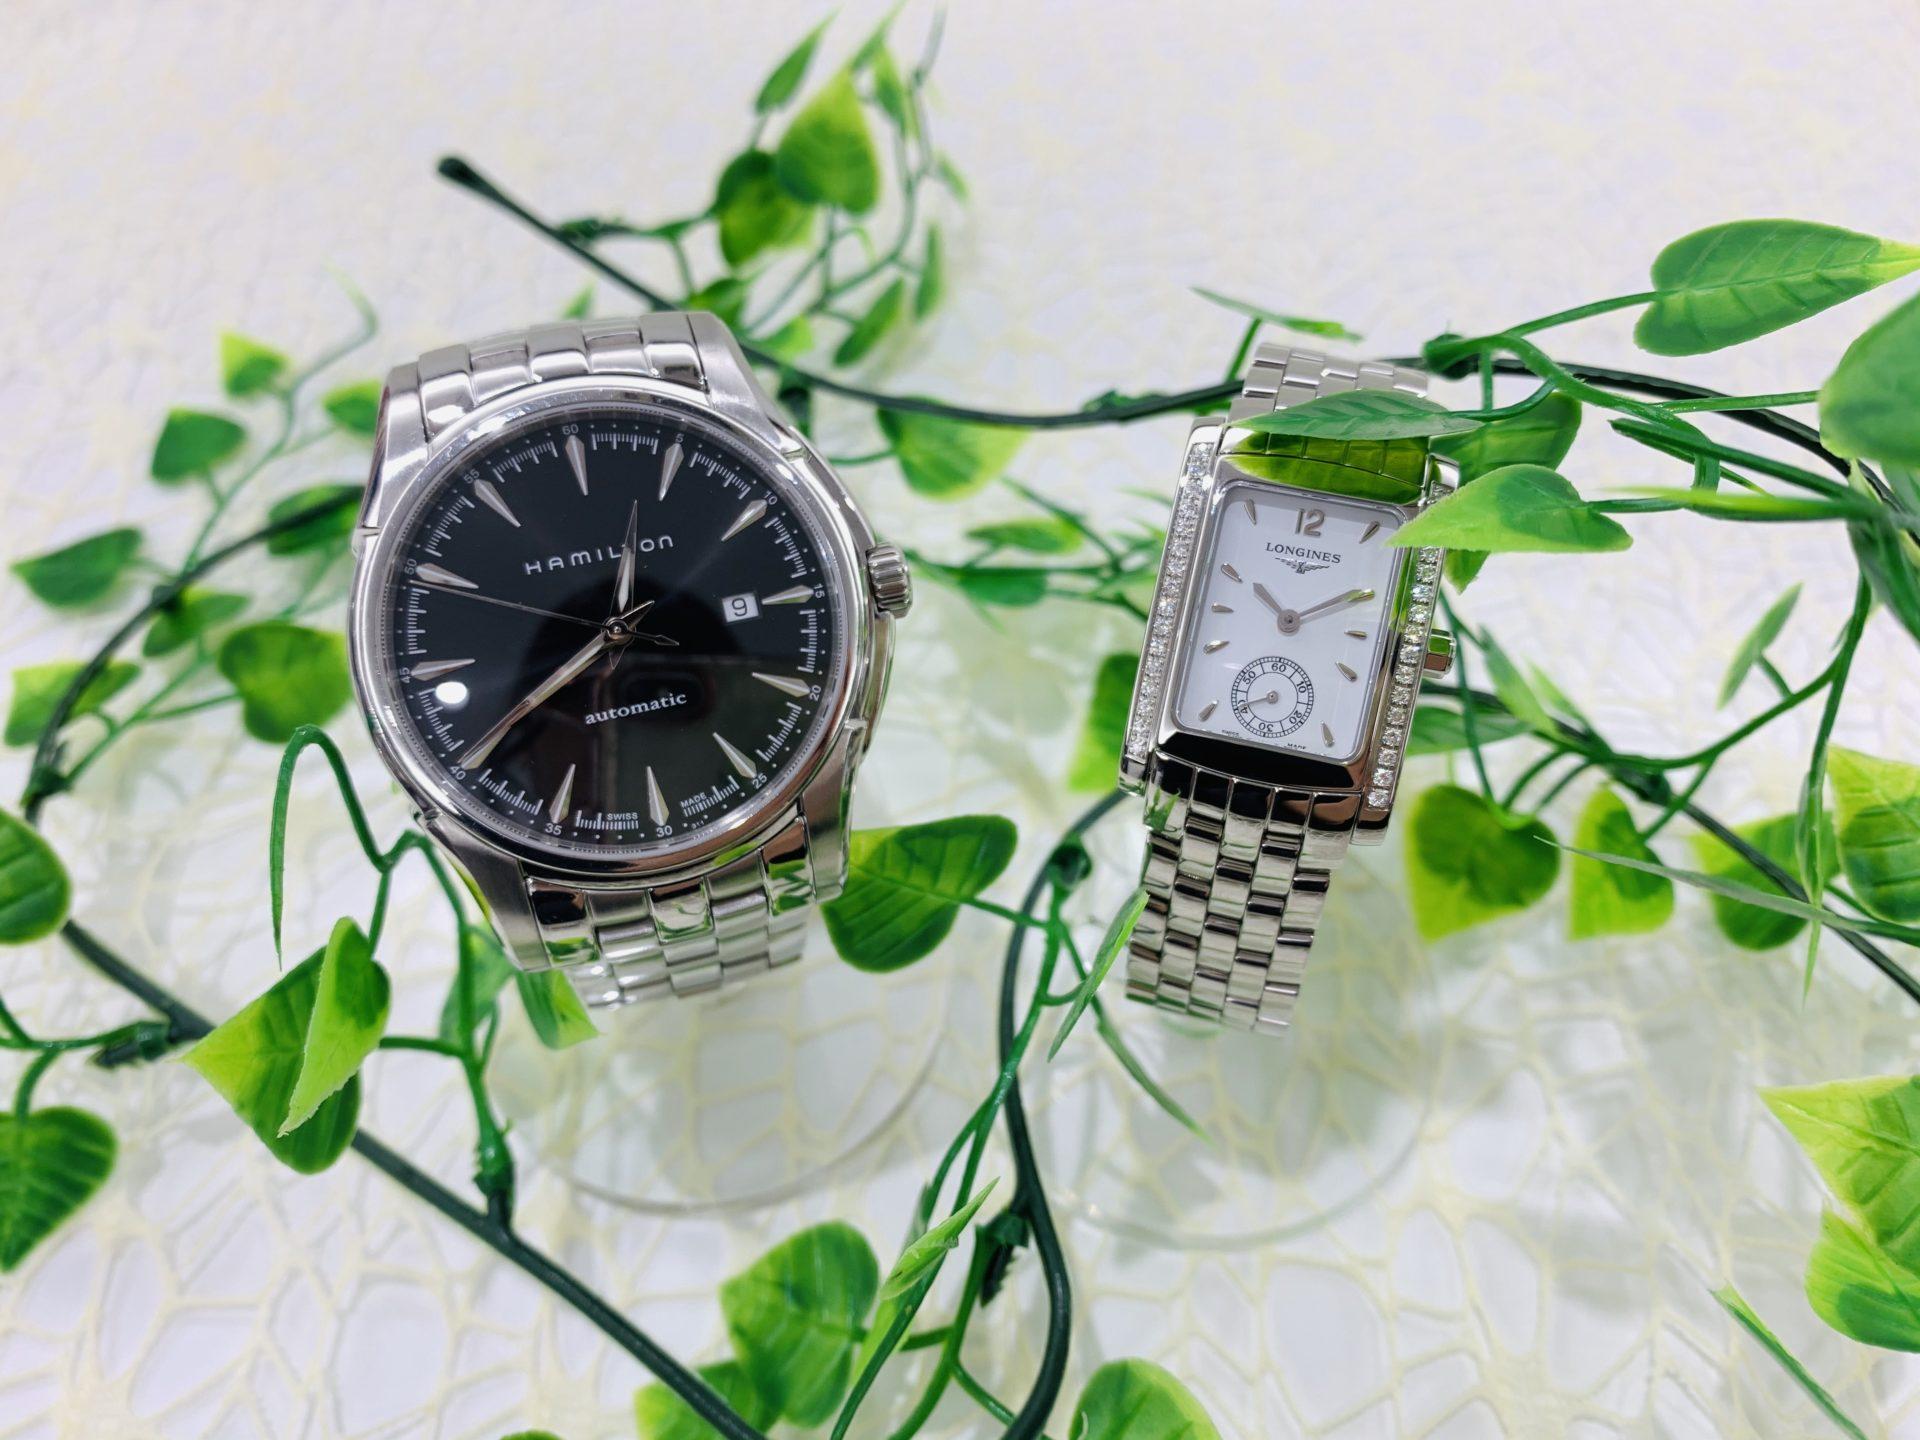 【盛岡 時計 販売】新社会人・学生にオススメ♪憧れのブランド時計